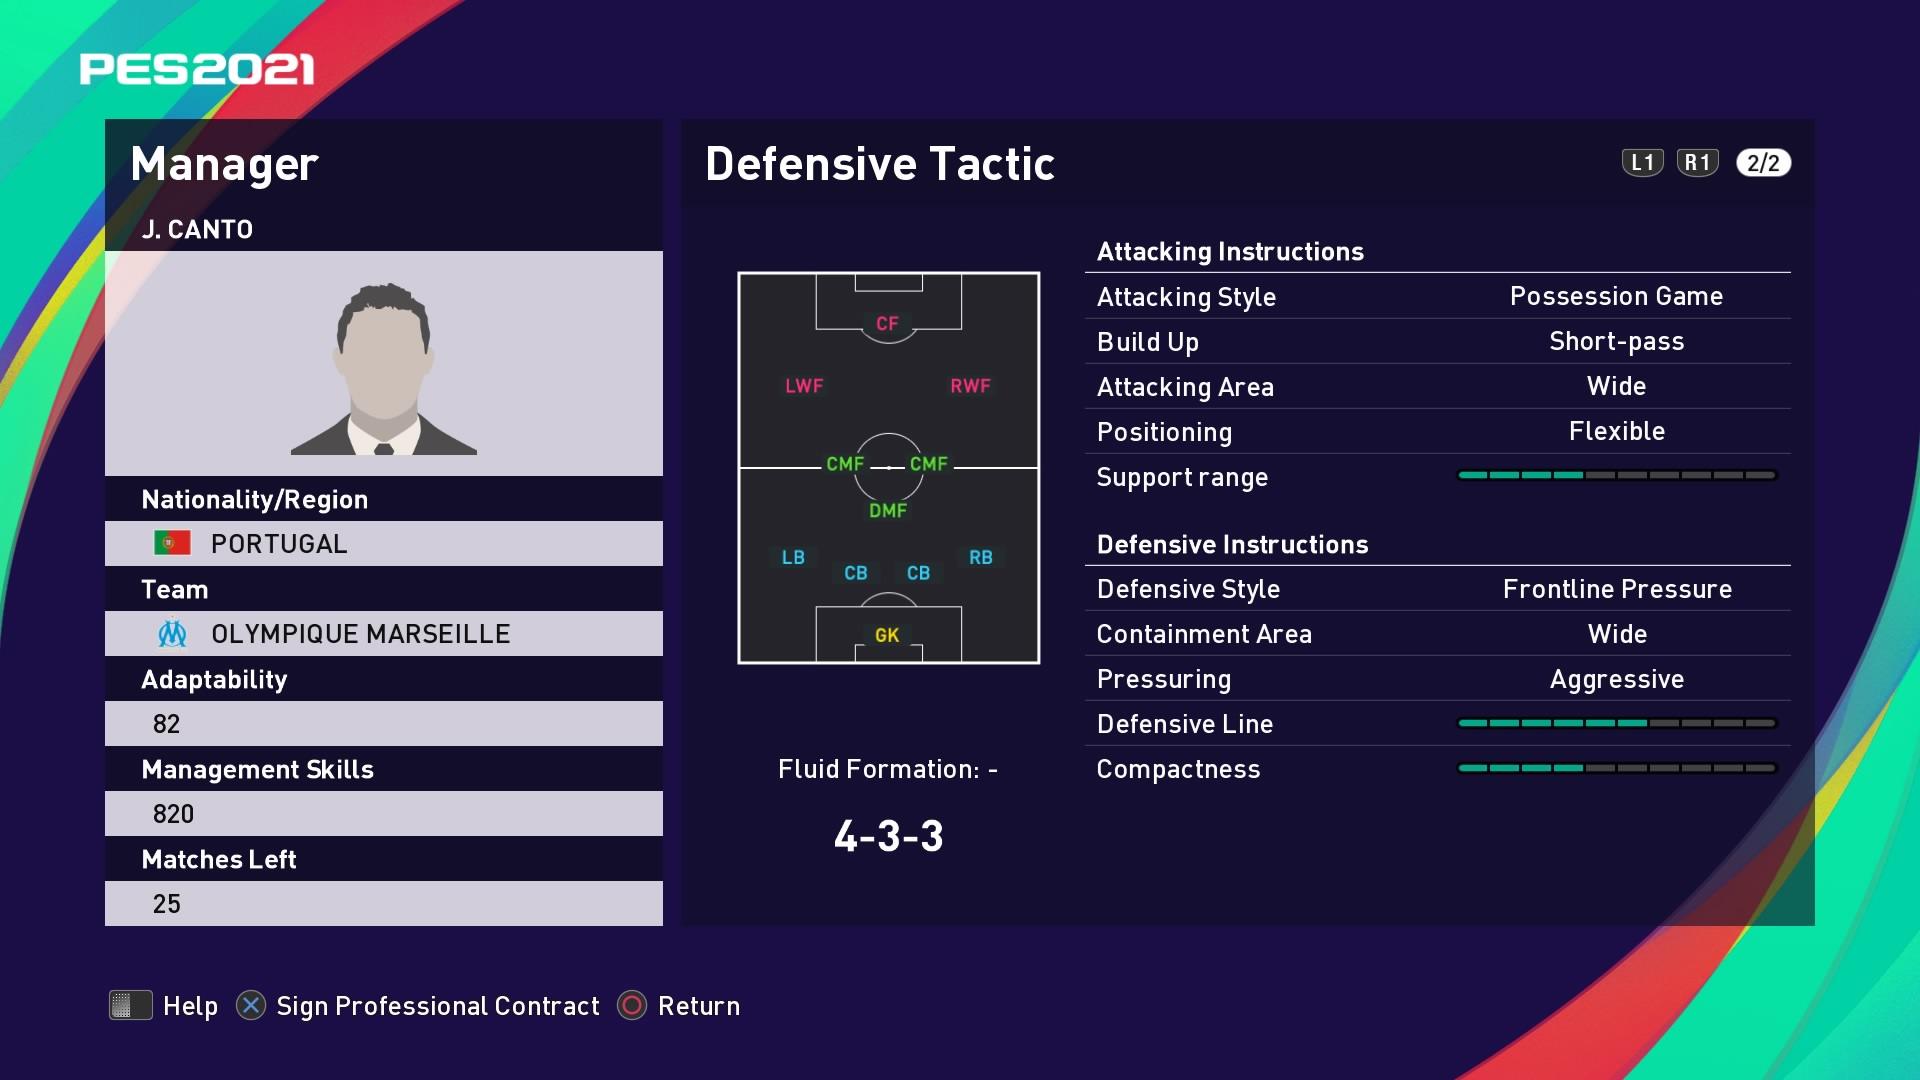 J. Canto (André Villas-Boas) Defensive Tactic in PES 2021 myClub